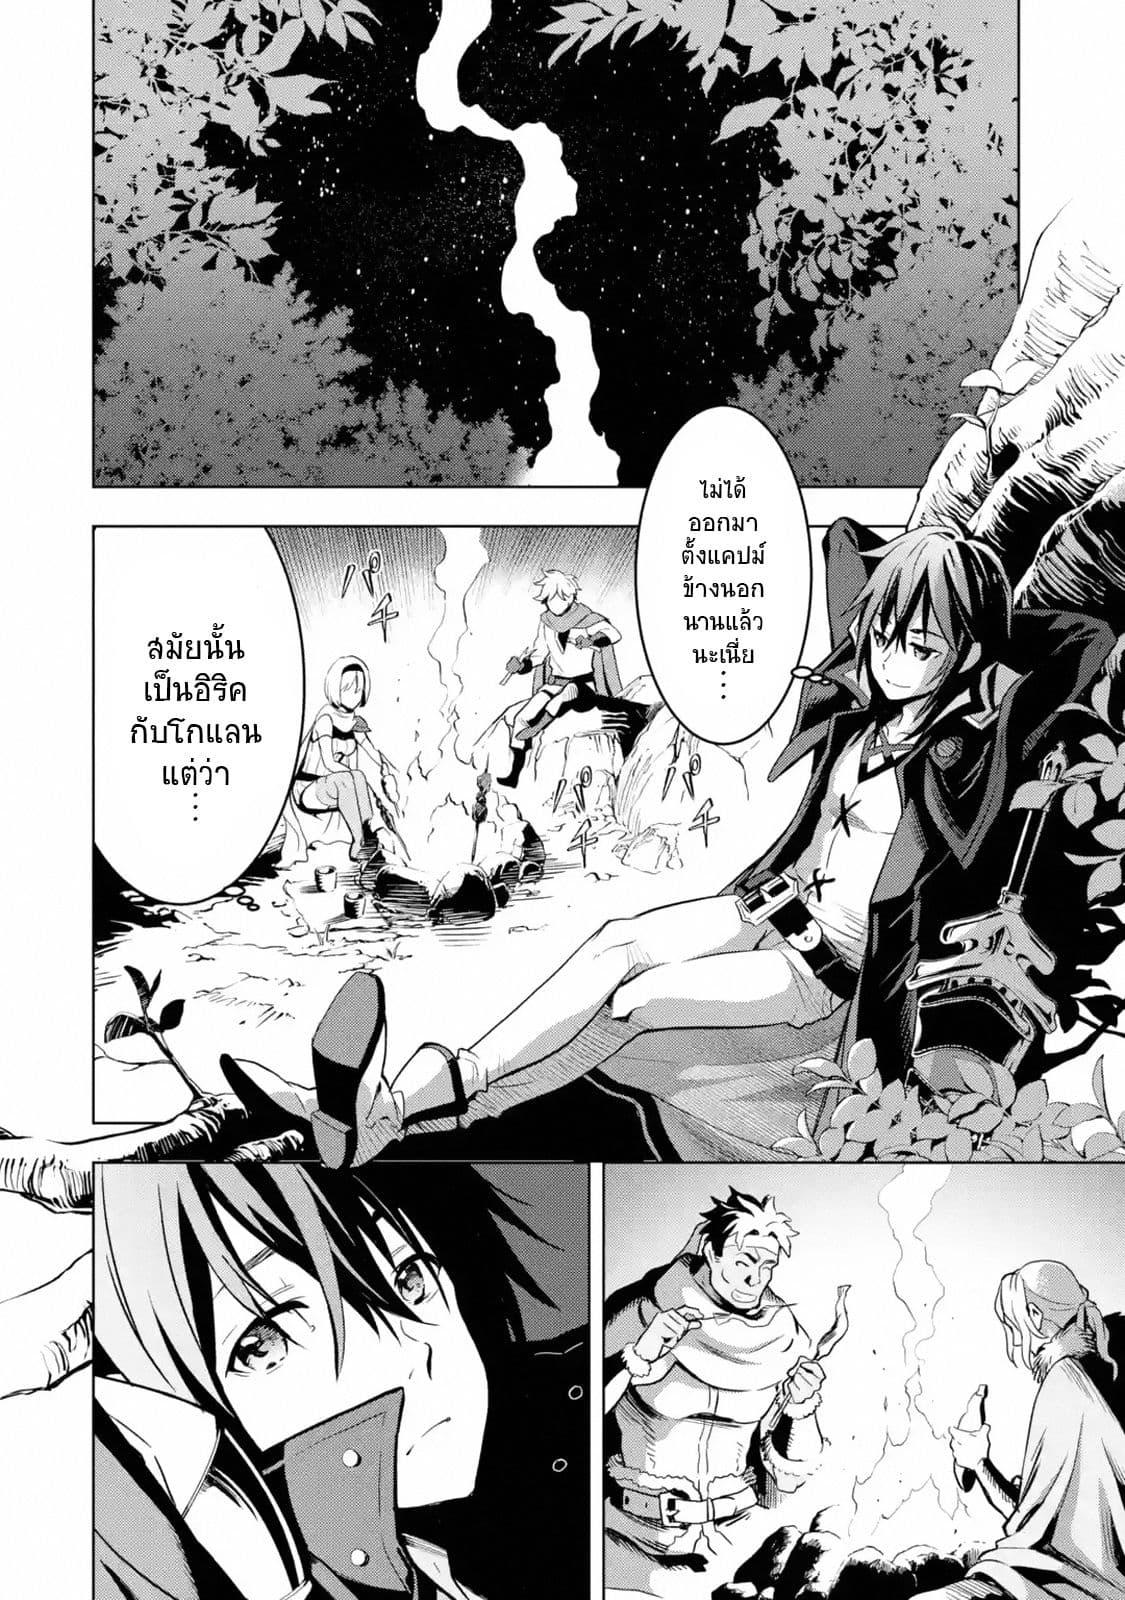 อ่านการ์ตูน Koko wa Ore ni Makasete Saki ni Ike to Itte kara 10 Nen ga Tattara Densetsu ni Natteita ตอนที่ 2 หน้าที่ 19